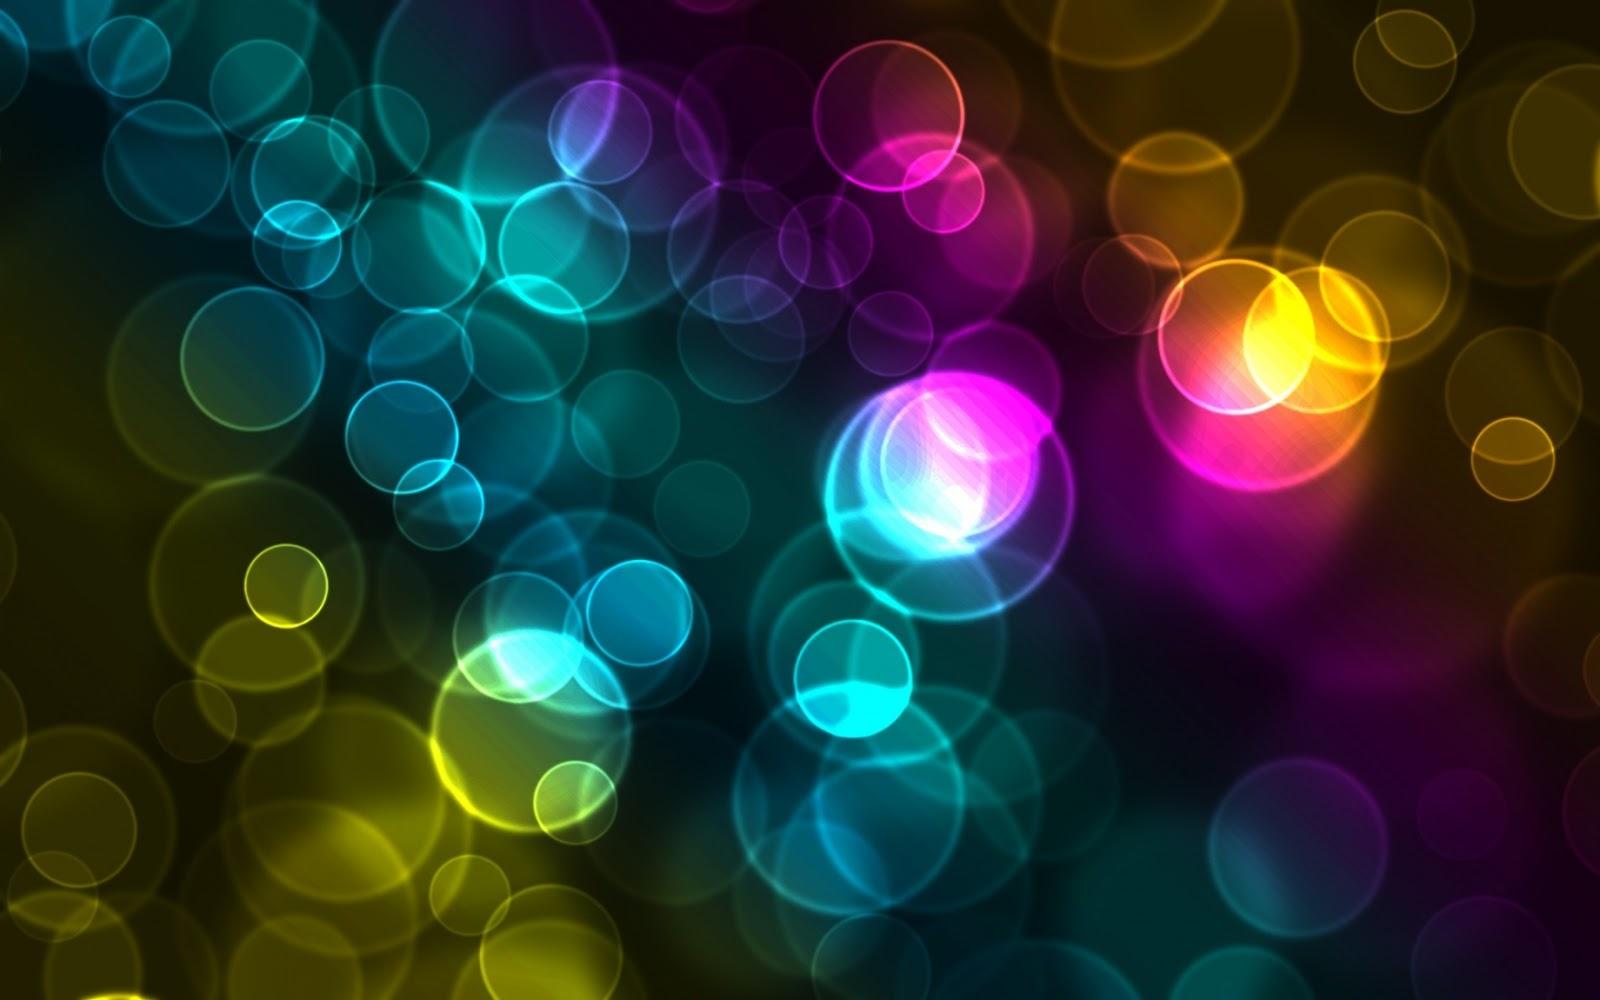 http://2.bp.blogspot.com/-aa6K7w28G58/USYMCITrCmI/AAAAAAAAXHQ/eyp7PorAFLs/s1600/Bokeh-Colorido-Wallpaper-www.programaswarez.org.jpg